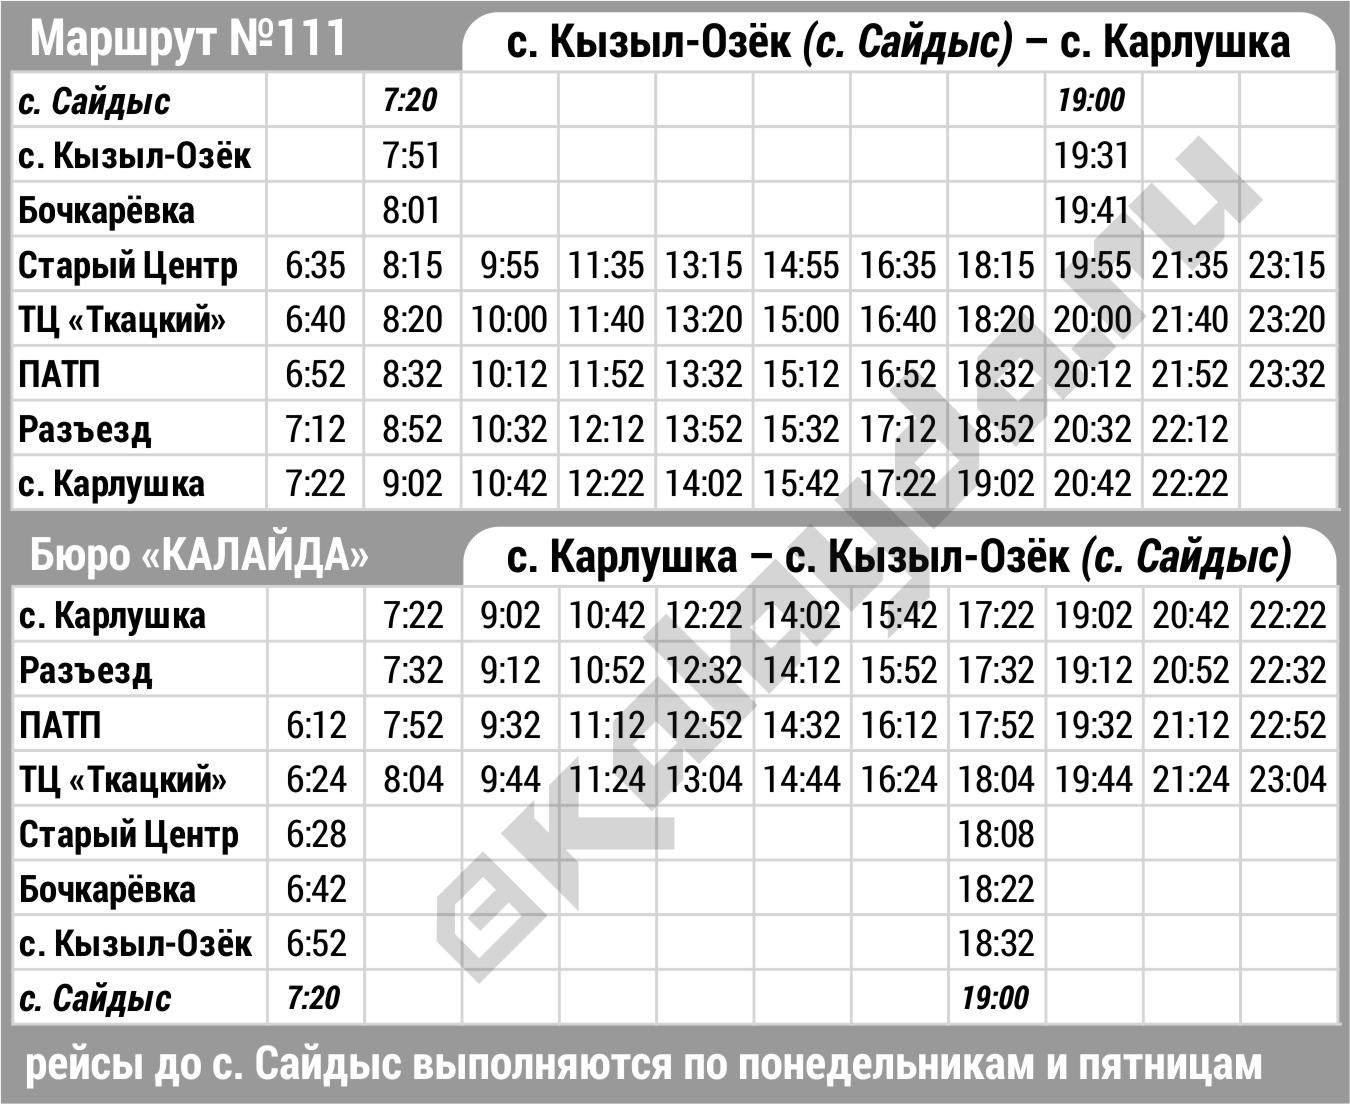 Автобусы из горно-алтайска в бийск: расписание, маршрут, цены, время в пути, дни следования.